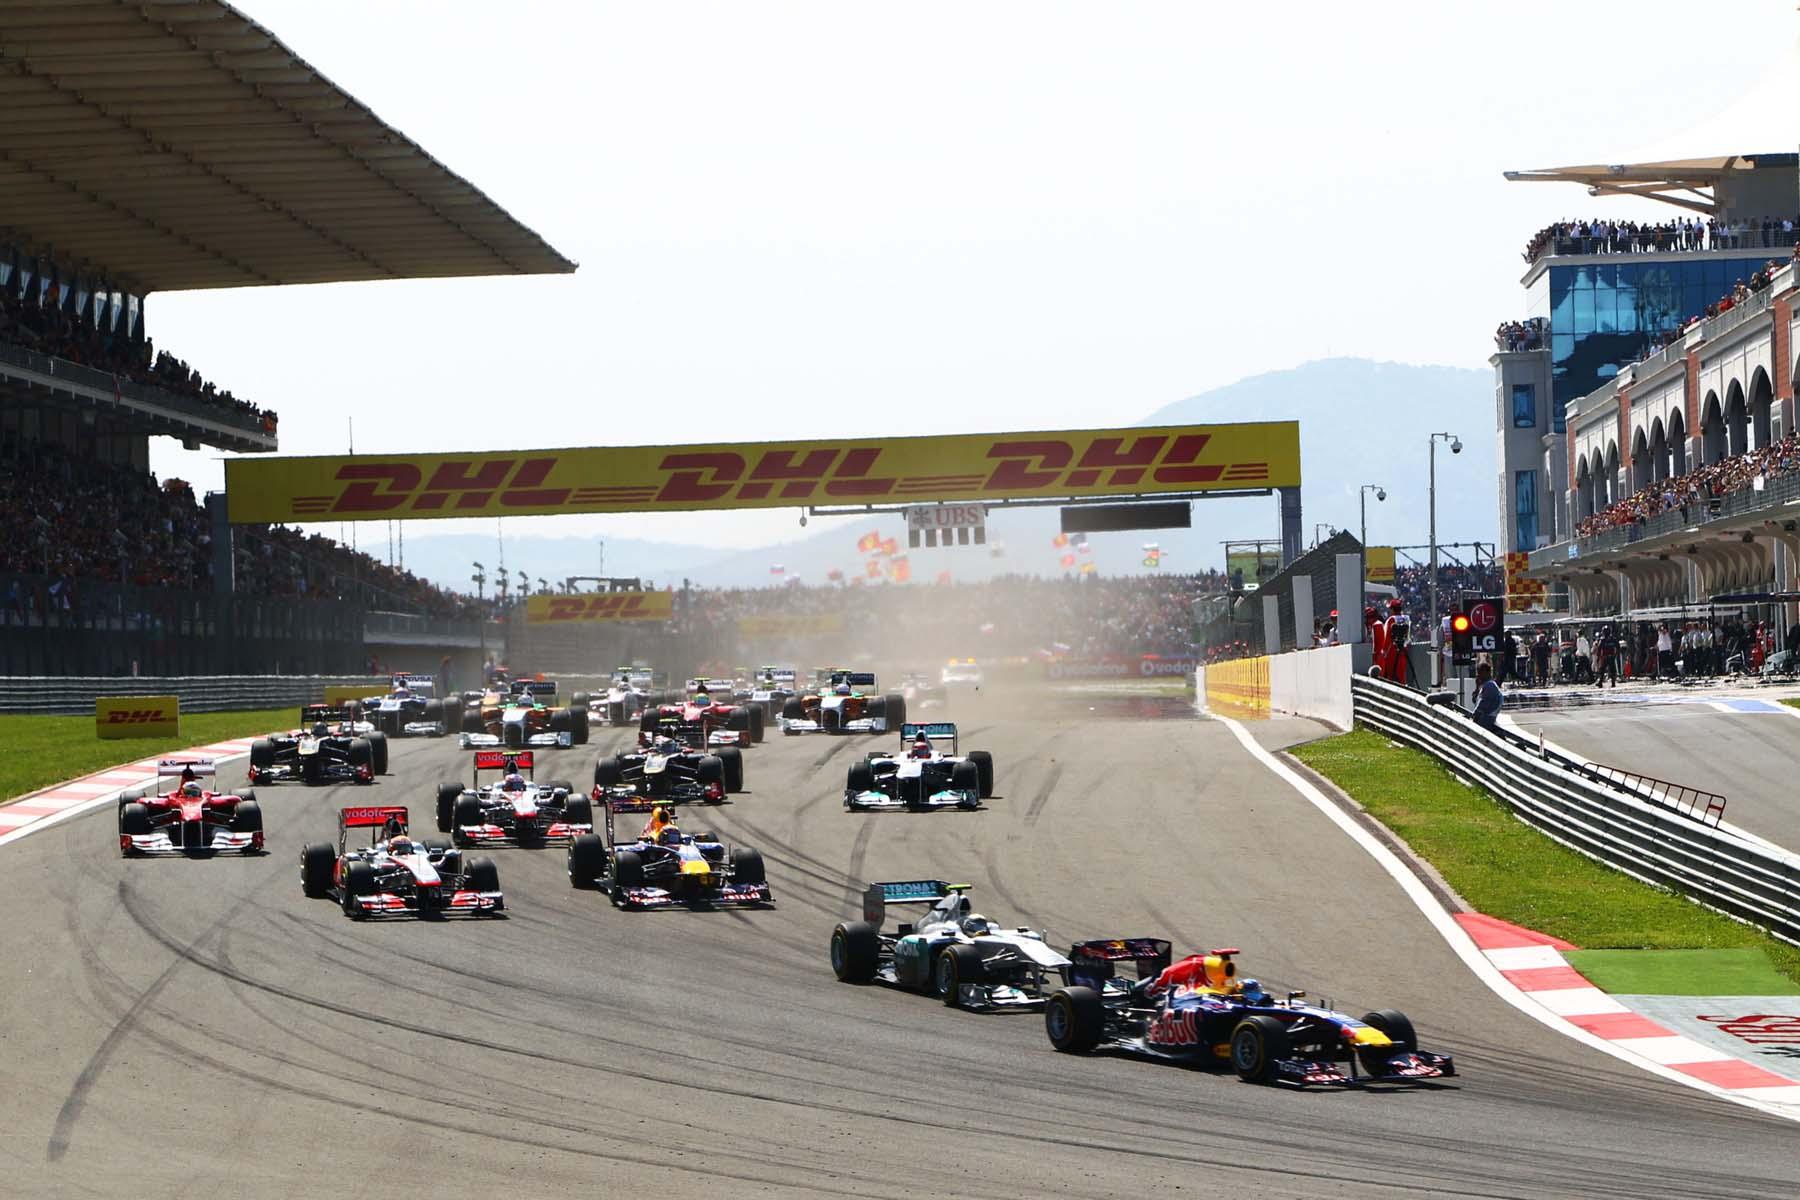 Formula 1 Türkiye GP biletleri satışa çıktı mı? Formula 1 Türkiye biletleri ne kadar, kaç TL 2021 ?